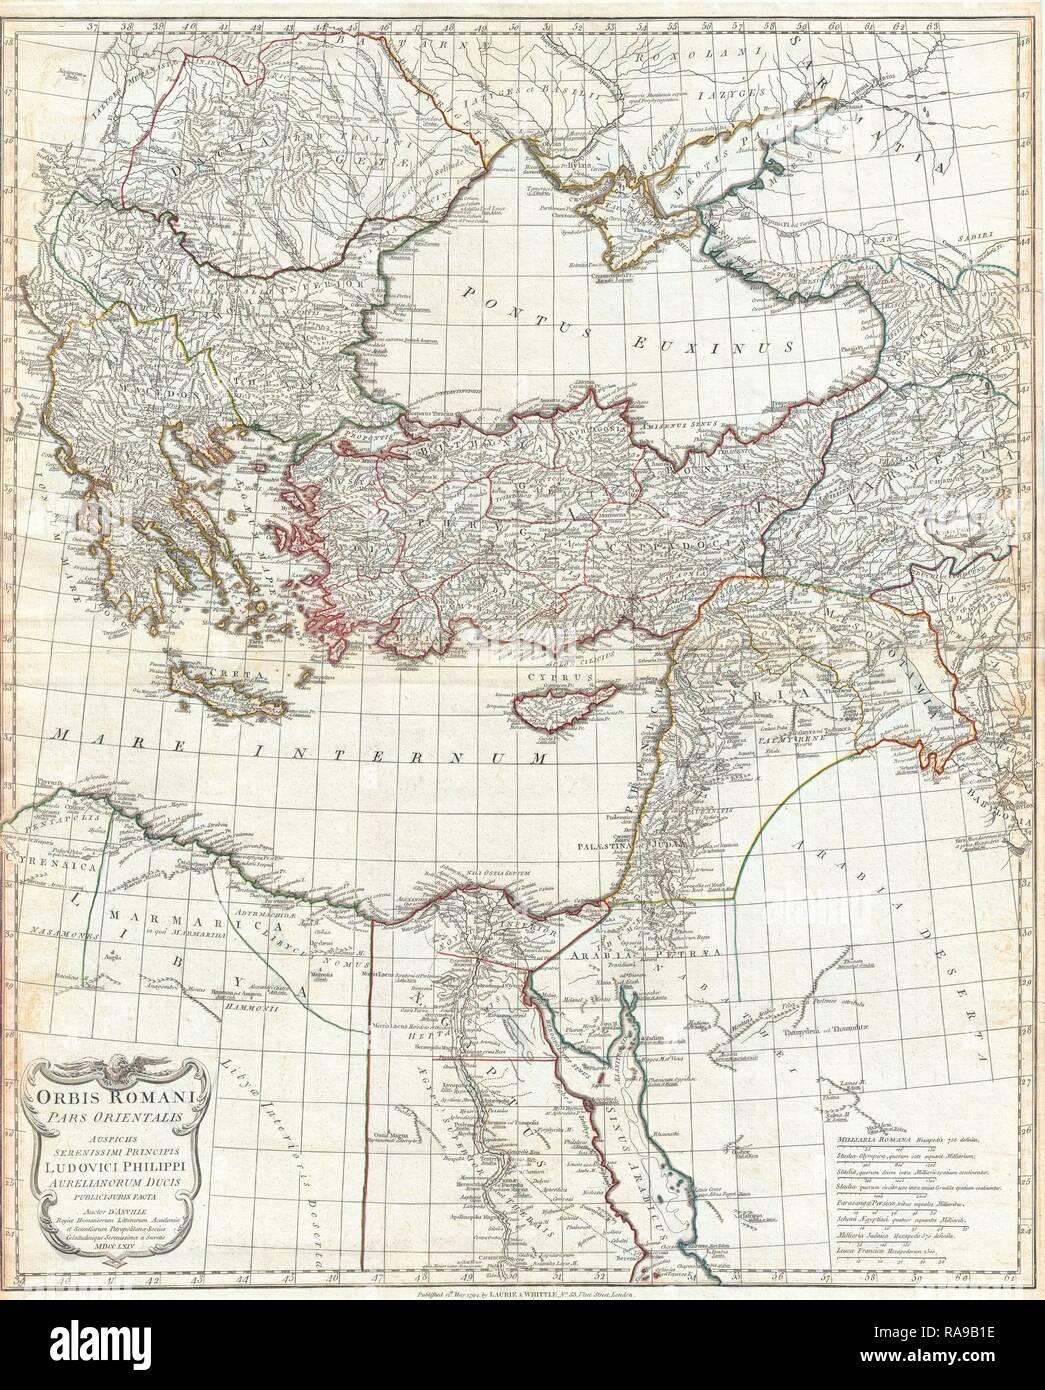 1794, Anville Site de l'Empire Romain, la Grèce inclues. Repensé par Gibon. L'art classique avec une touche moderne repensé Photo Stock